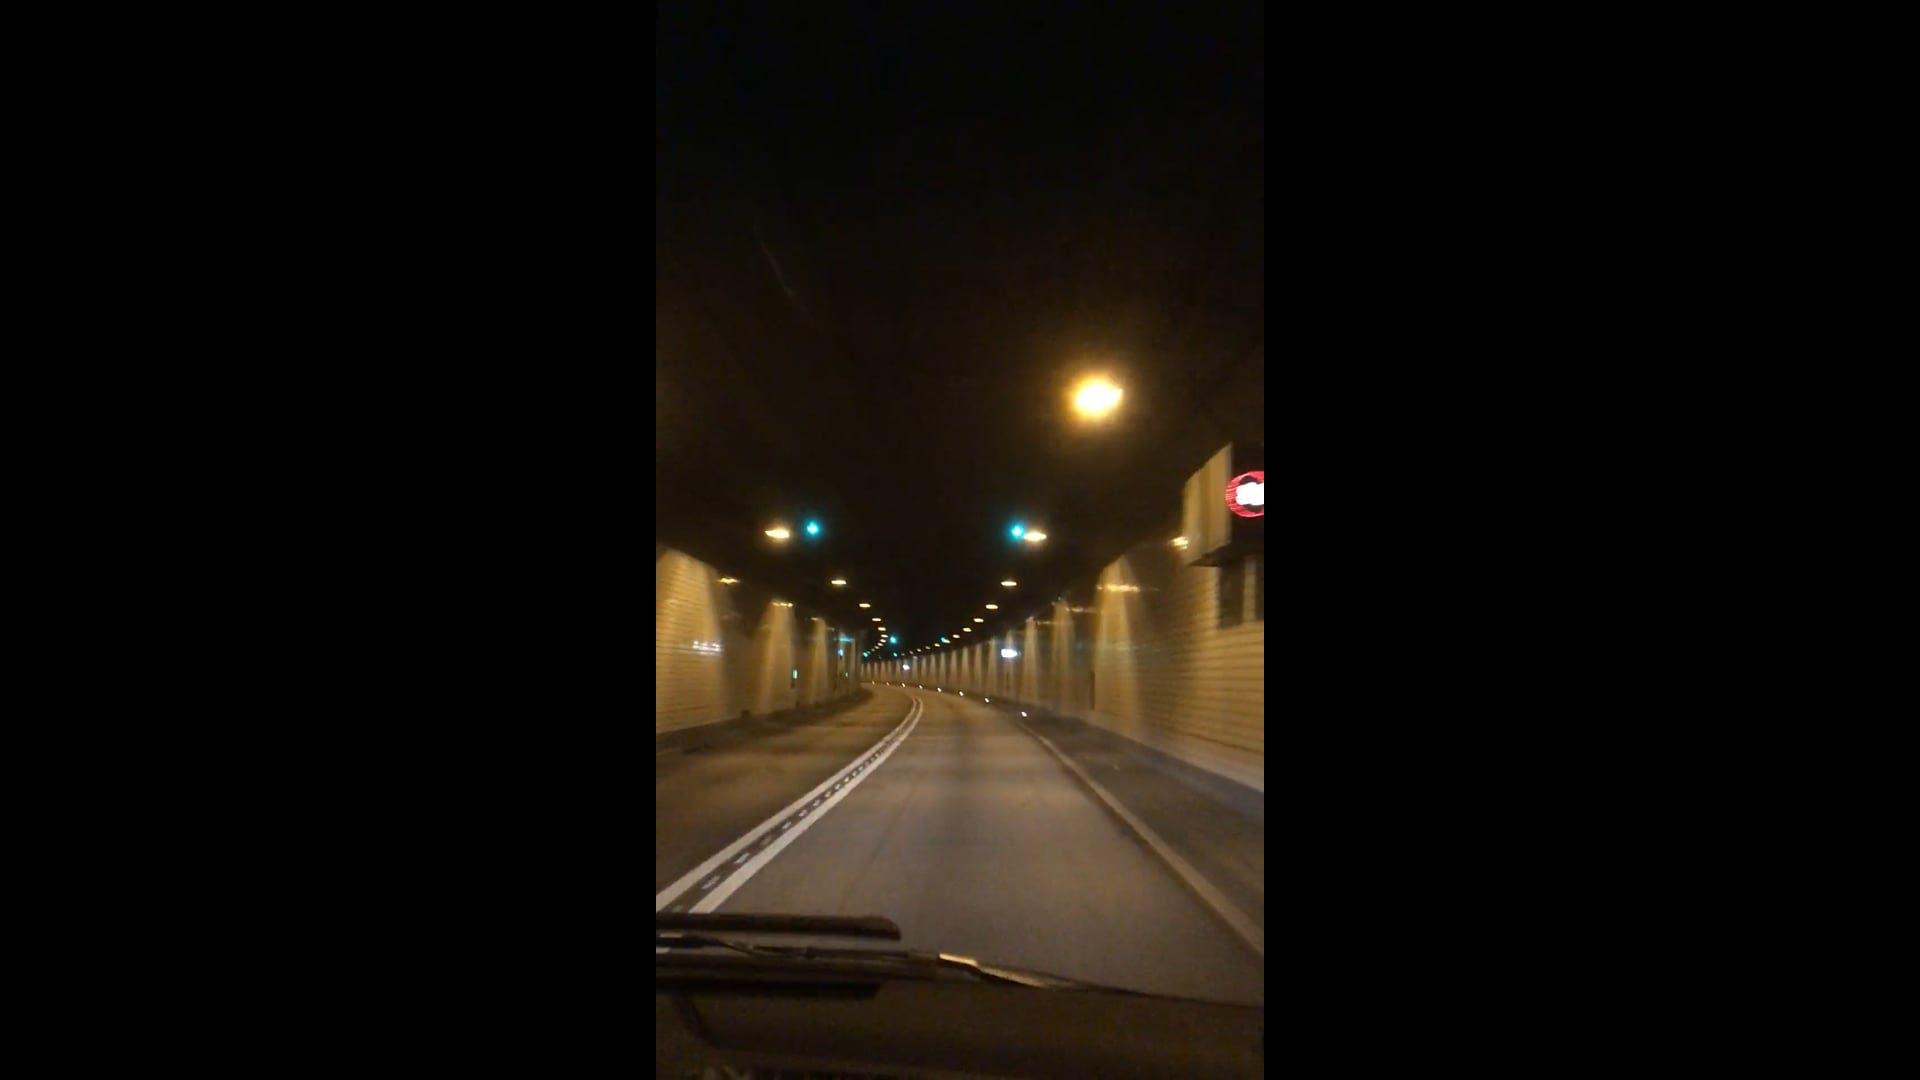 Roadtrip Inside A Tunnel